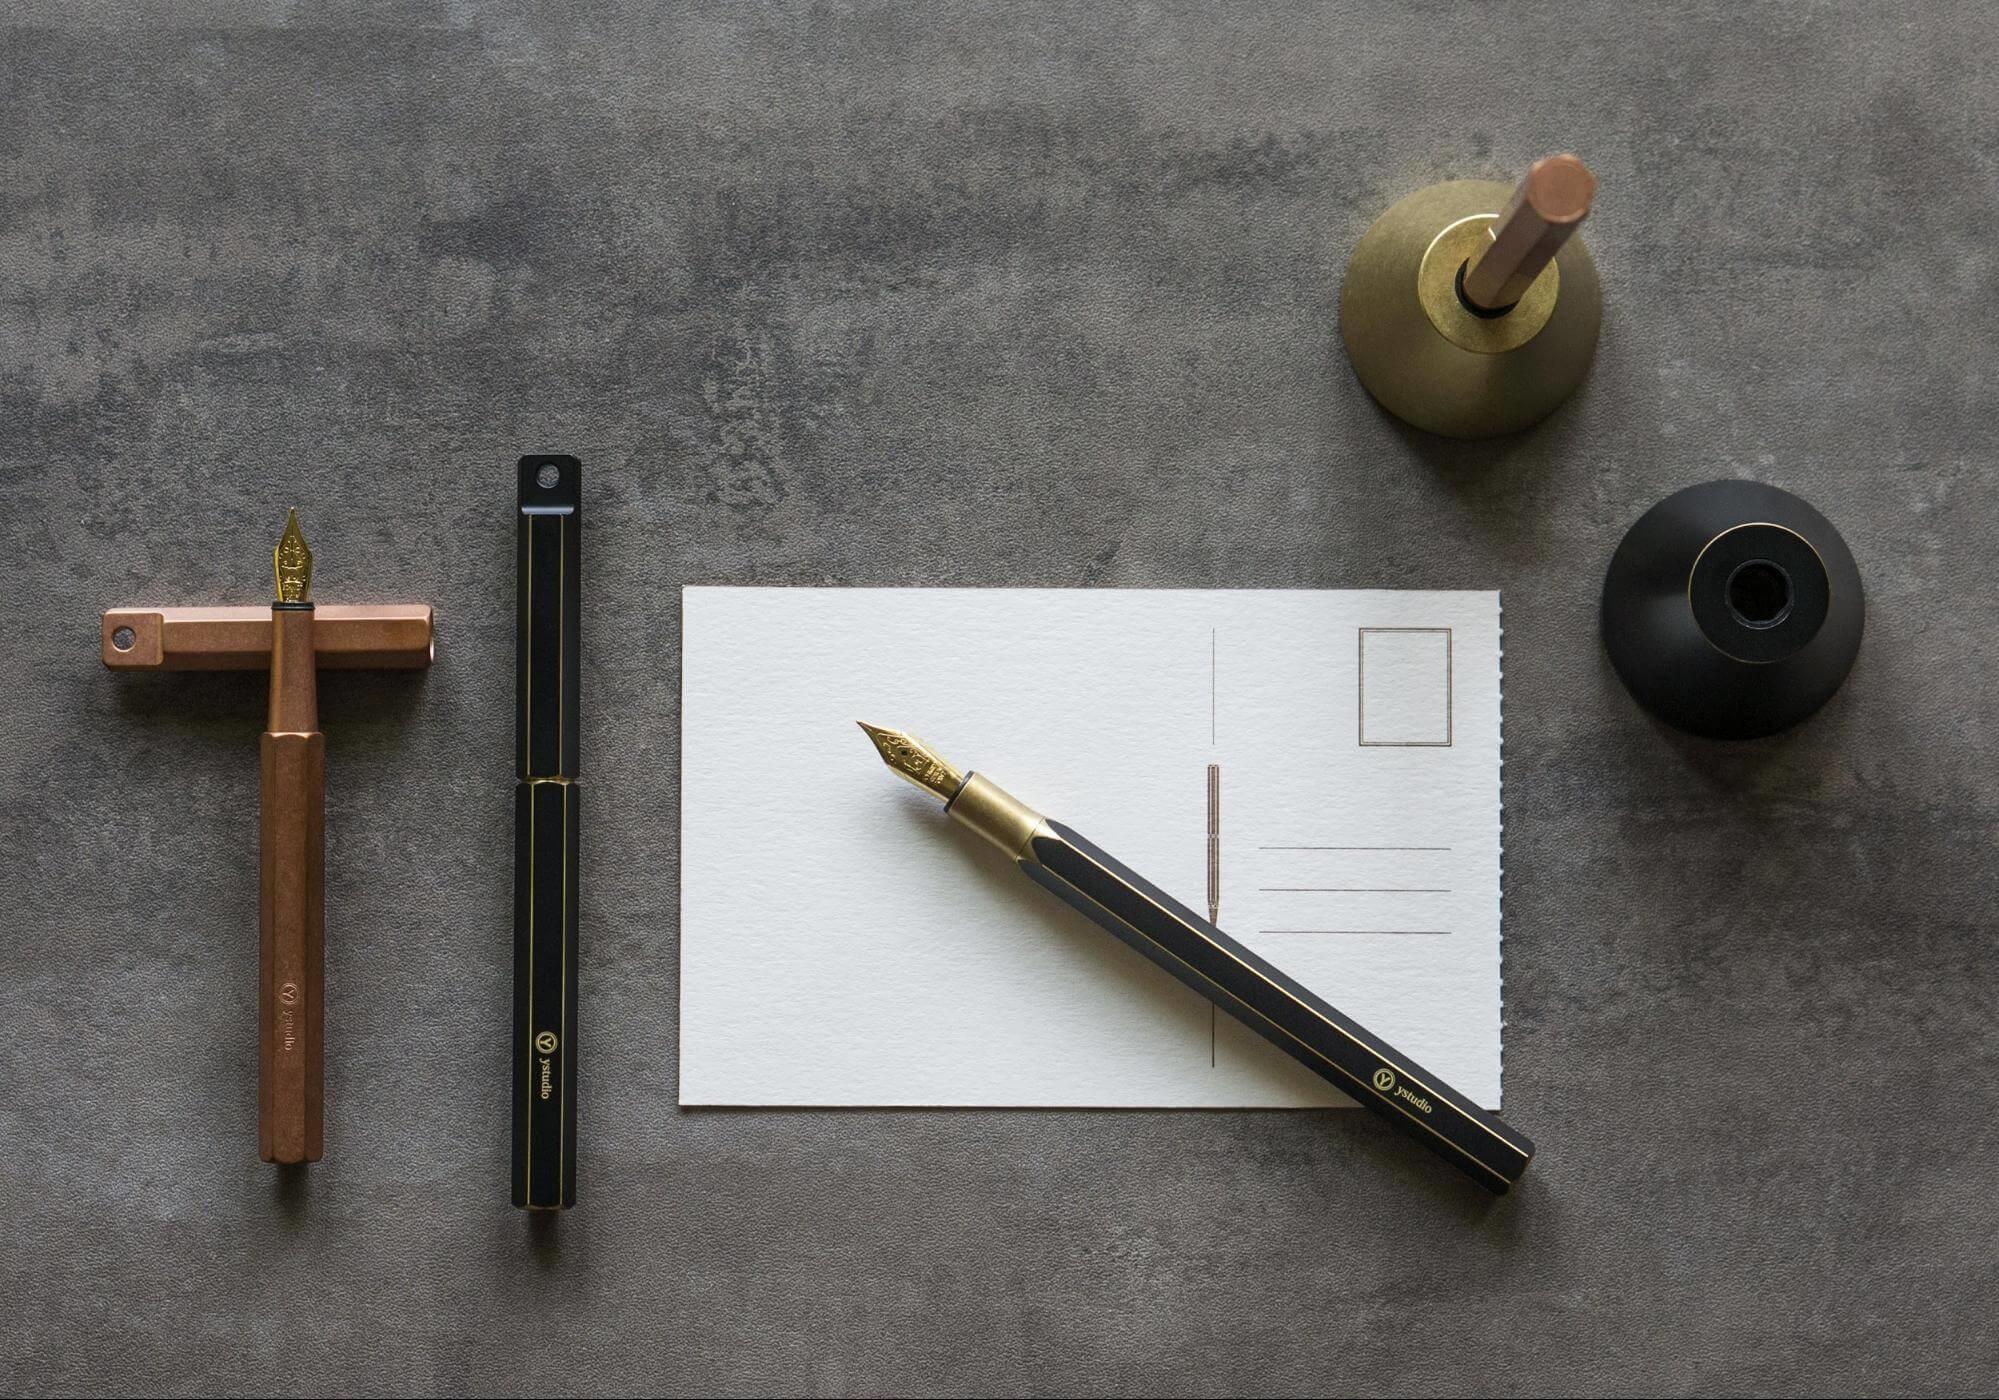 鋼筆品牌推薦:物外設計ystudio